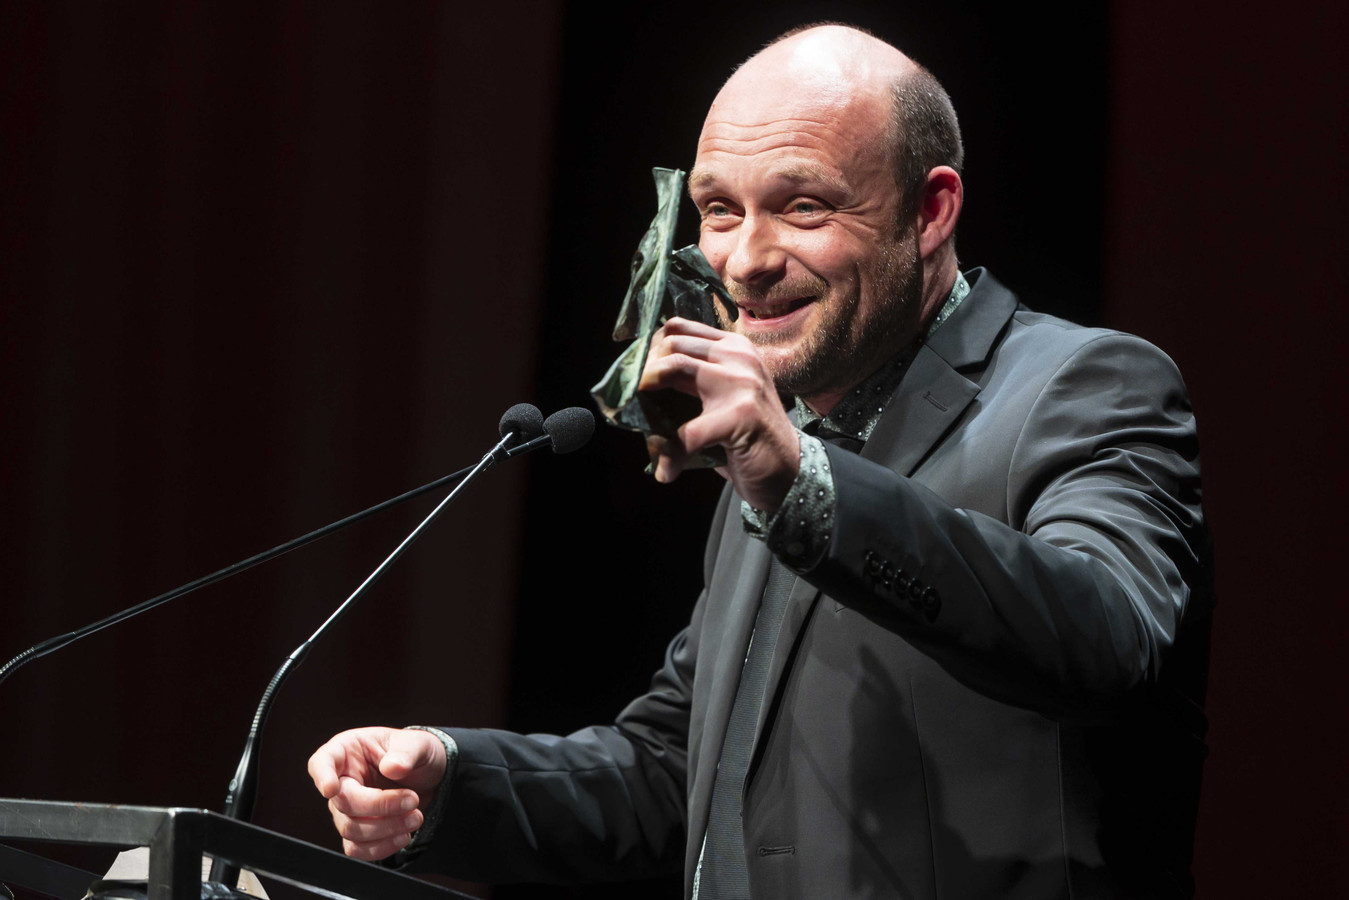 Mark Kraan toont ontvangt de Arlecchino, de toneelprijs voor de meest indrukwekkende bijdragende mannenrol. De VSCD Toneelprijzen worden traditiegetrouw uitgereikt in de Stadsschouwburg Amsterdam op het Gala van het Nederlands Theater.